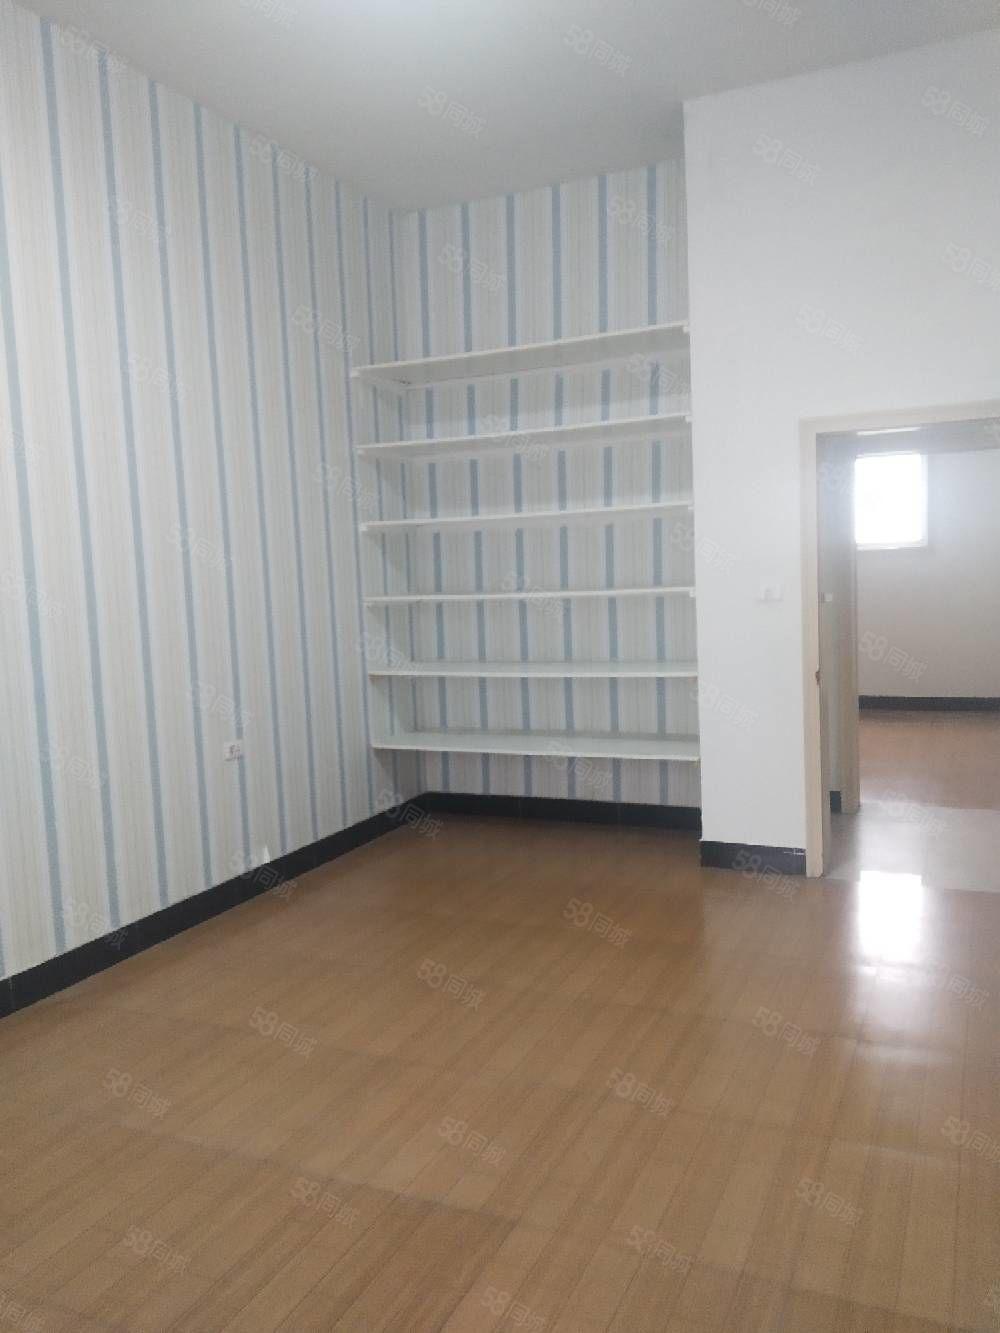 售急救中心附近一楼带独院可做三室可过户